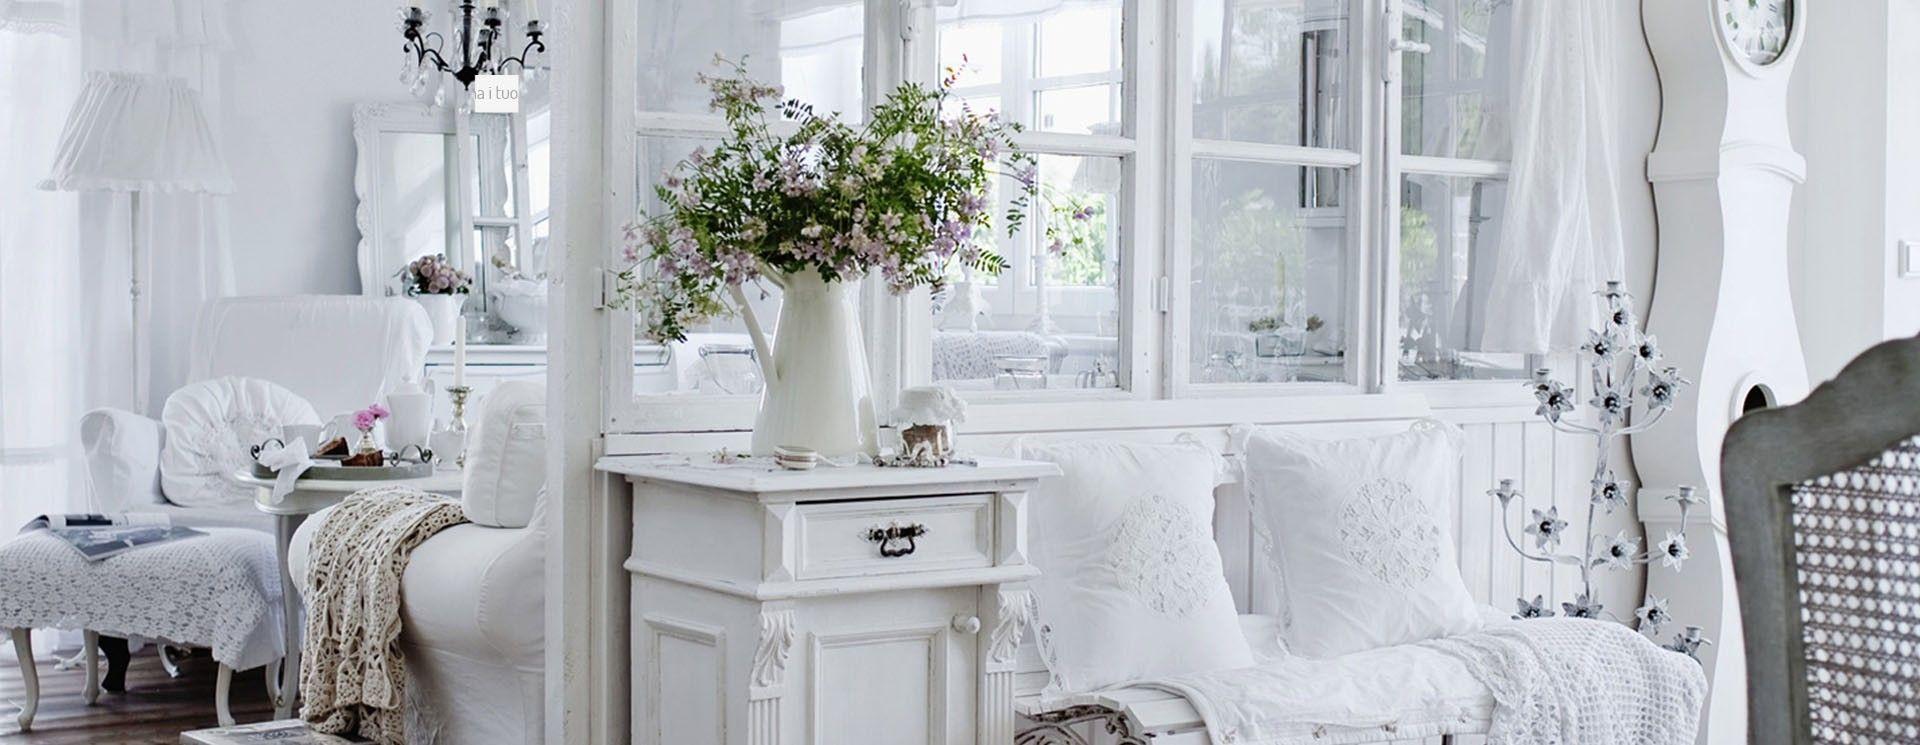 Tante idee per arredare la tua casa in stile shabby chic provenzale - Idee shabby chic per la casa ...